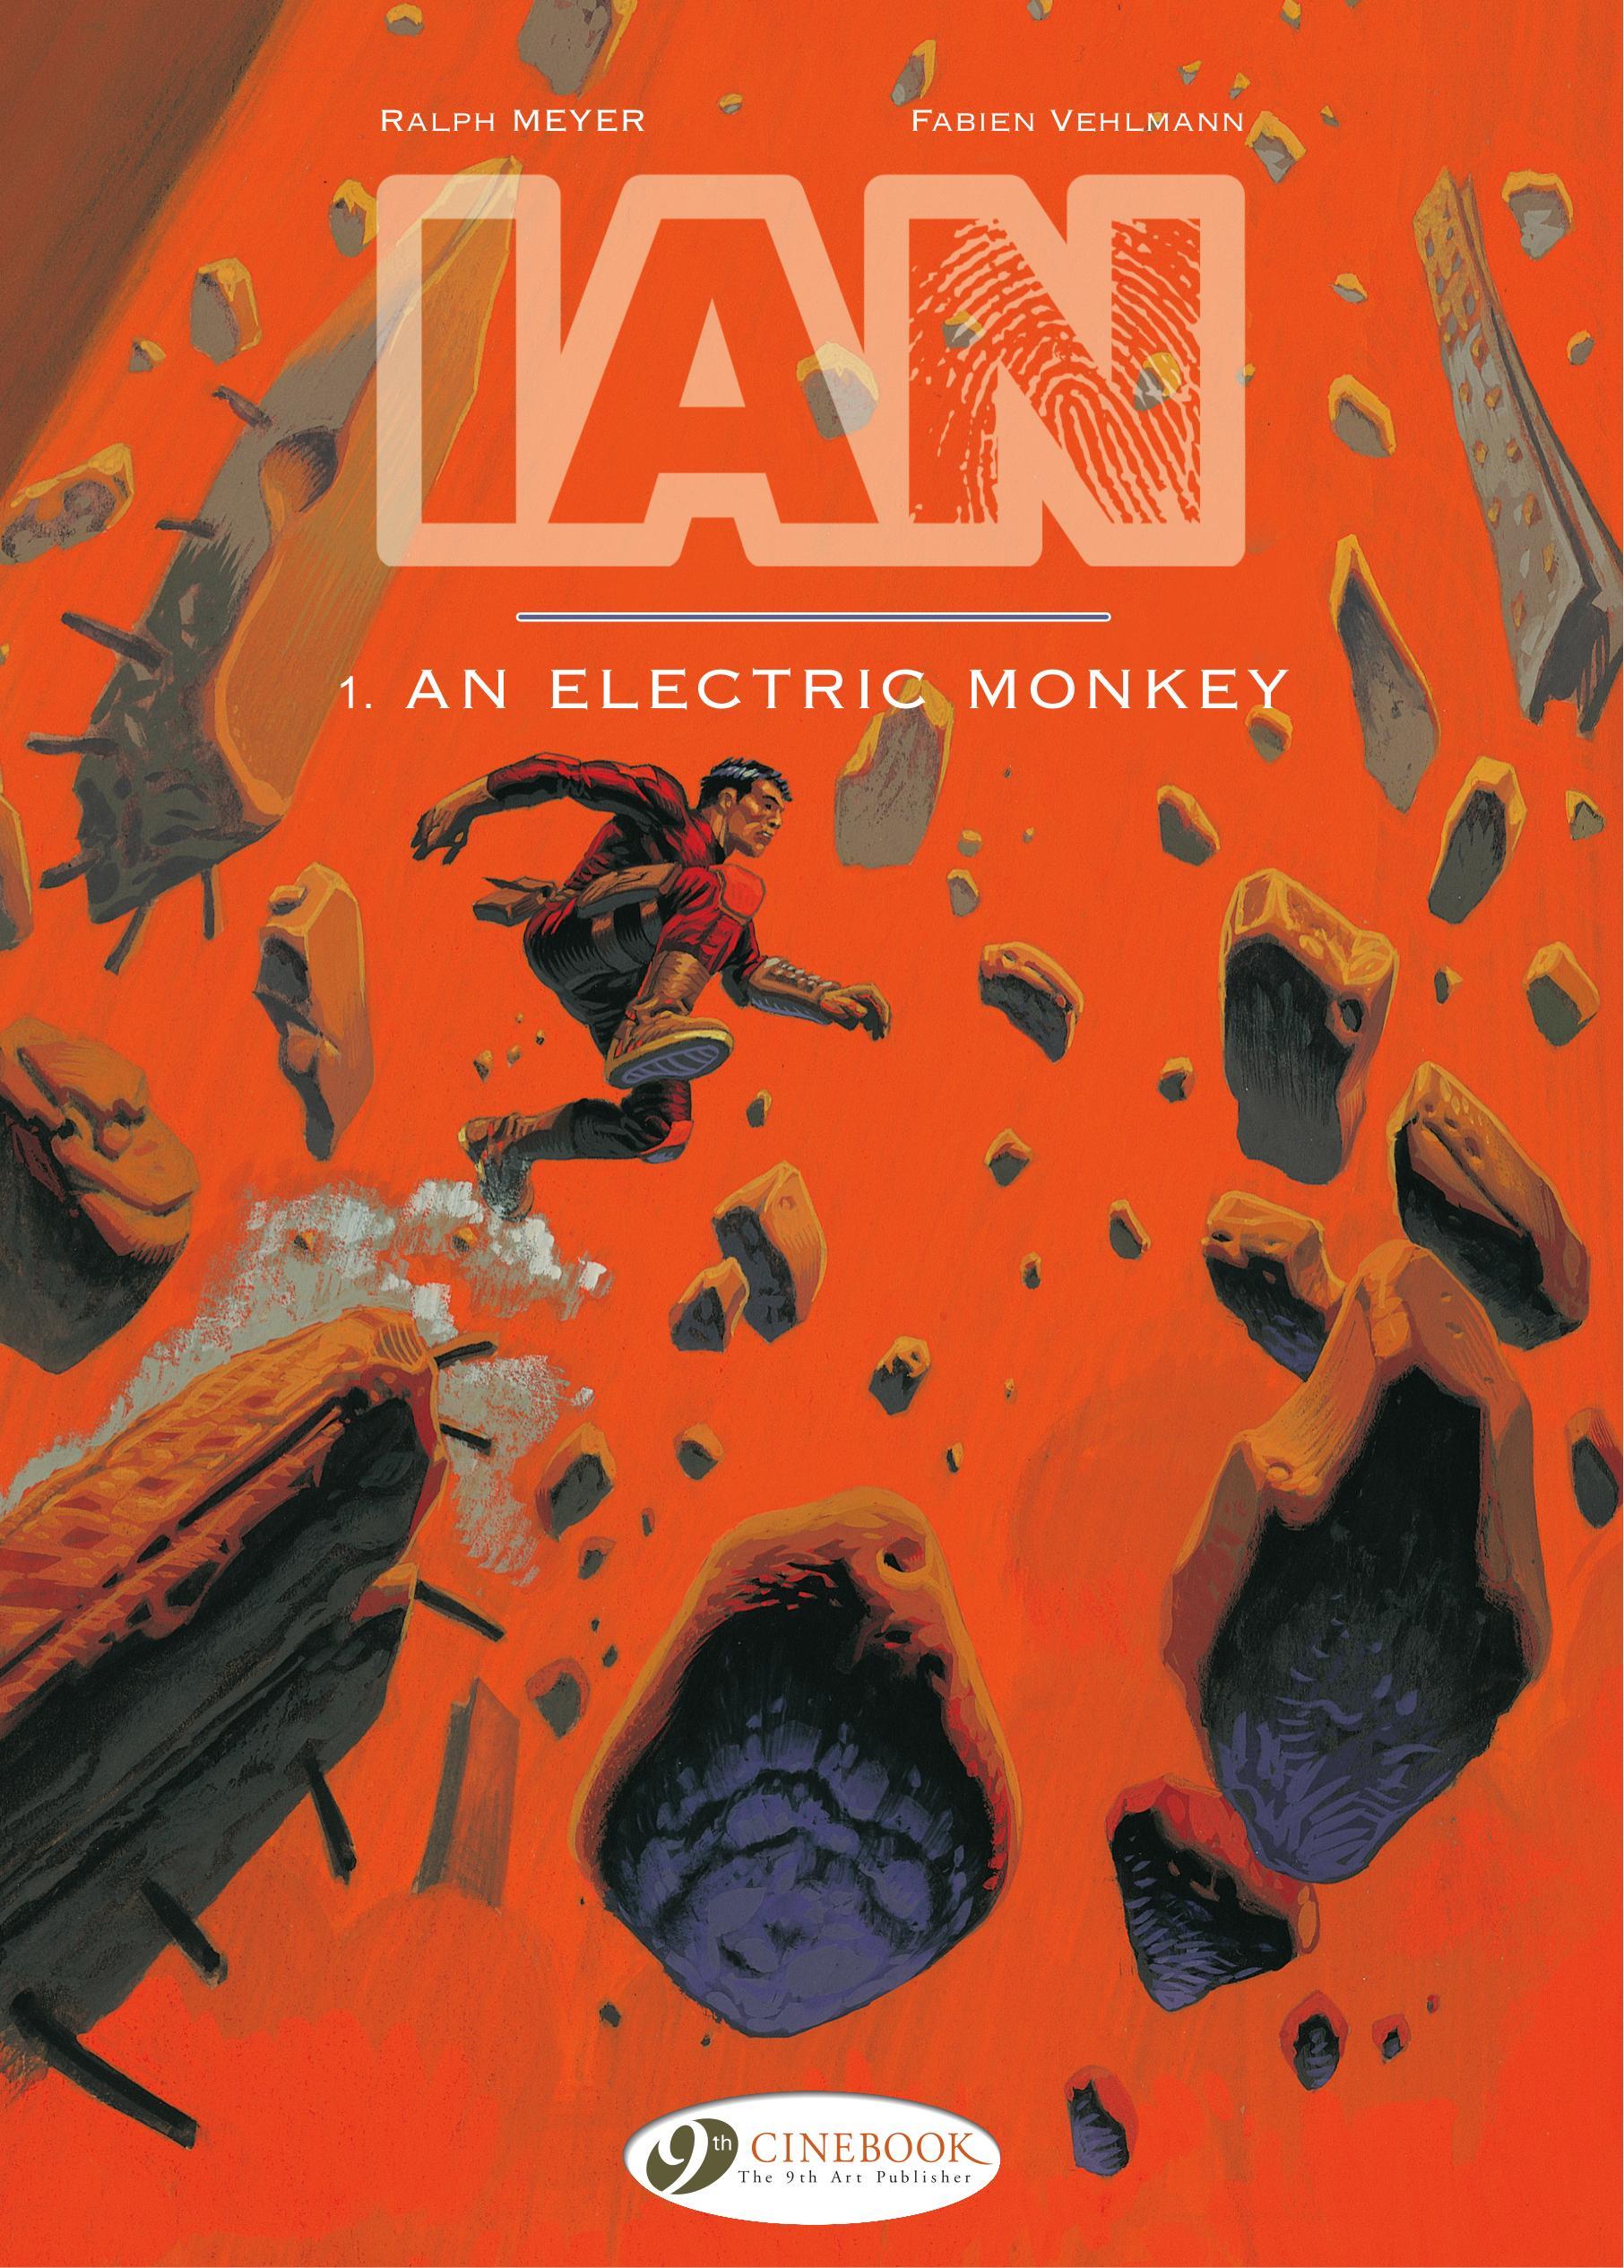 An electric monkey